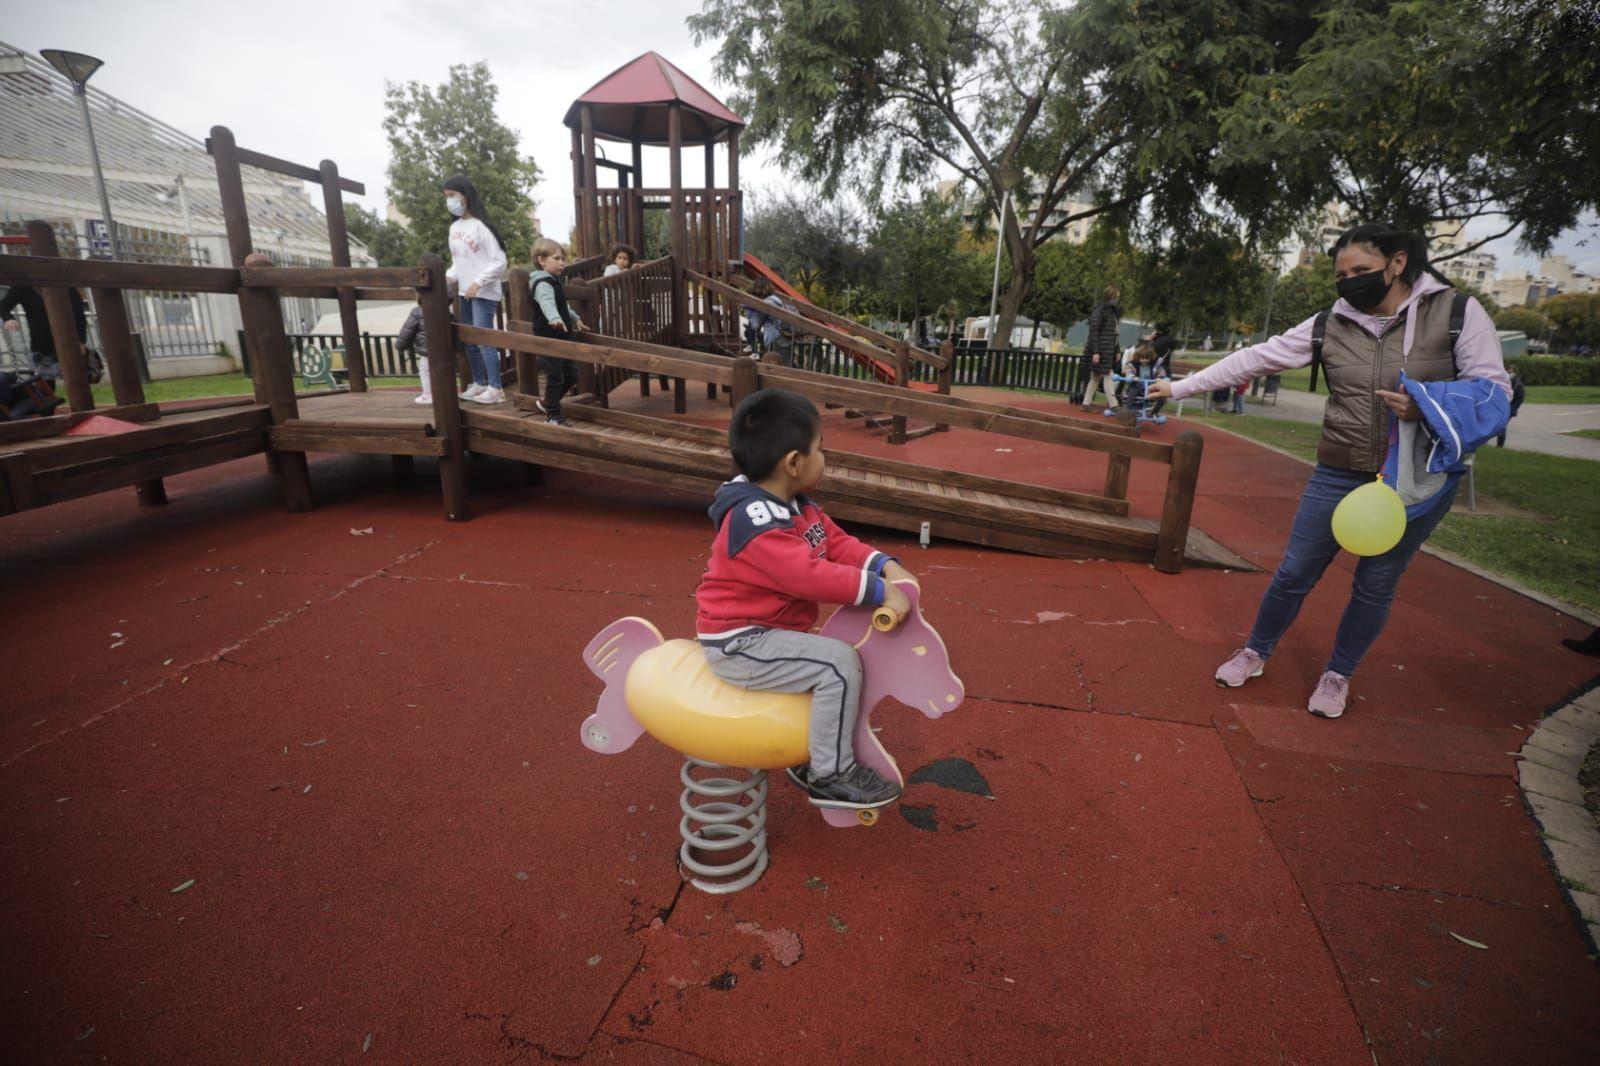 Reabren los parques infantiles en Palma